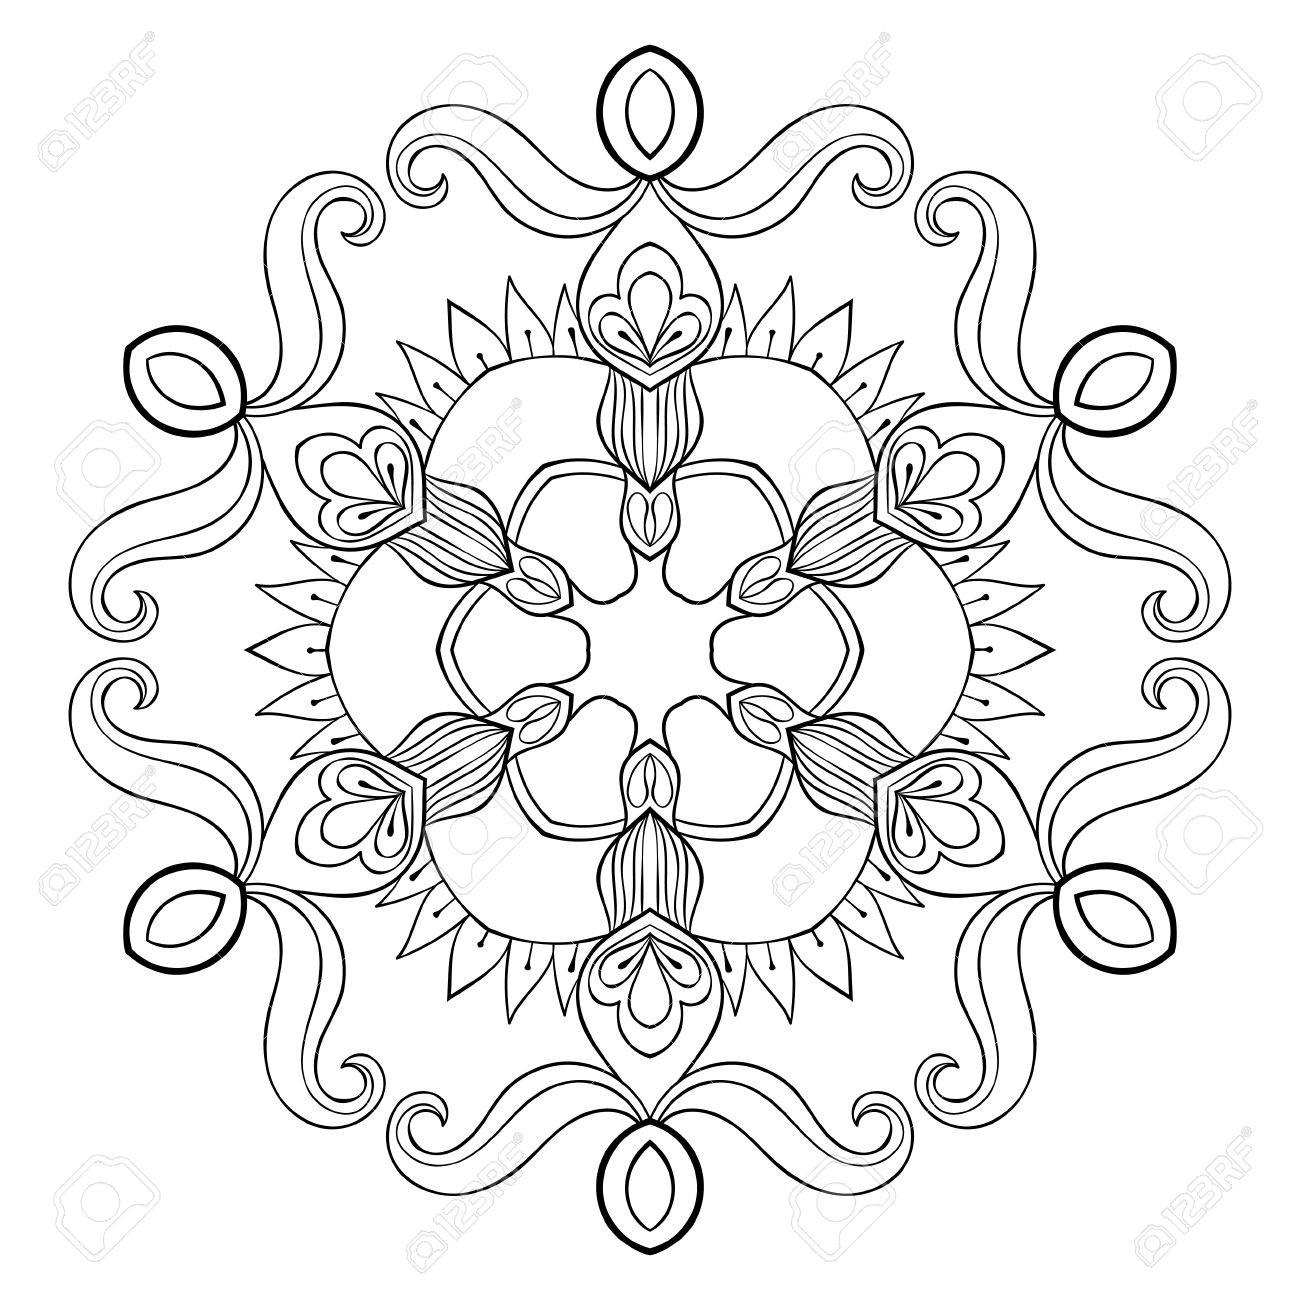 Ausmalbilder Weihnachten Schneeflocke Genial Vektor Papier Ausschnitt Schneeflocke In Zentangle Art Mandala Für Das Bild